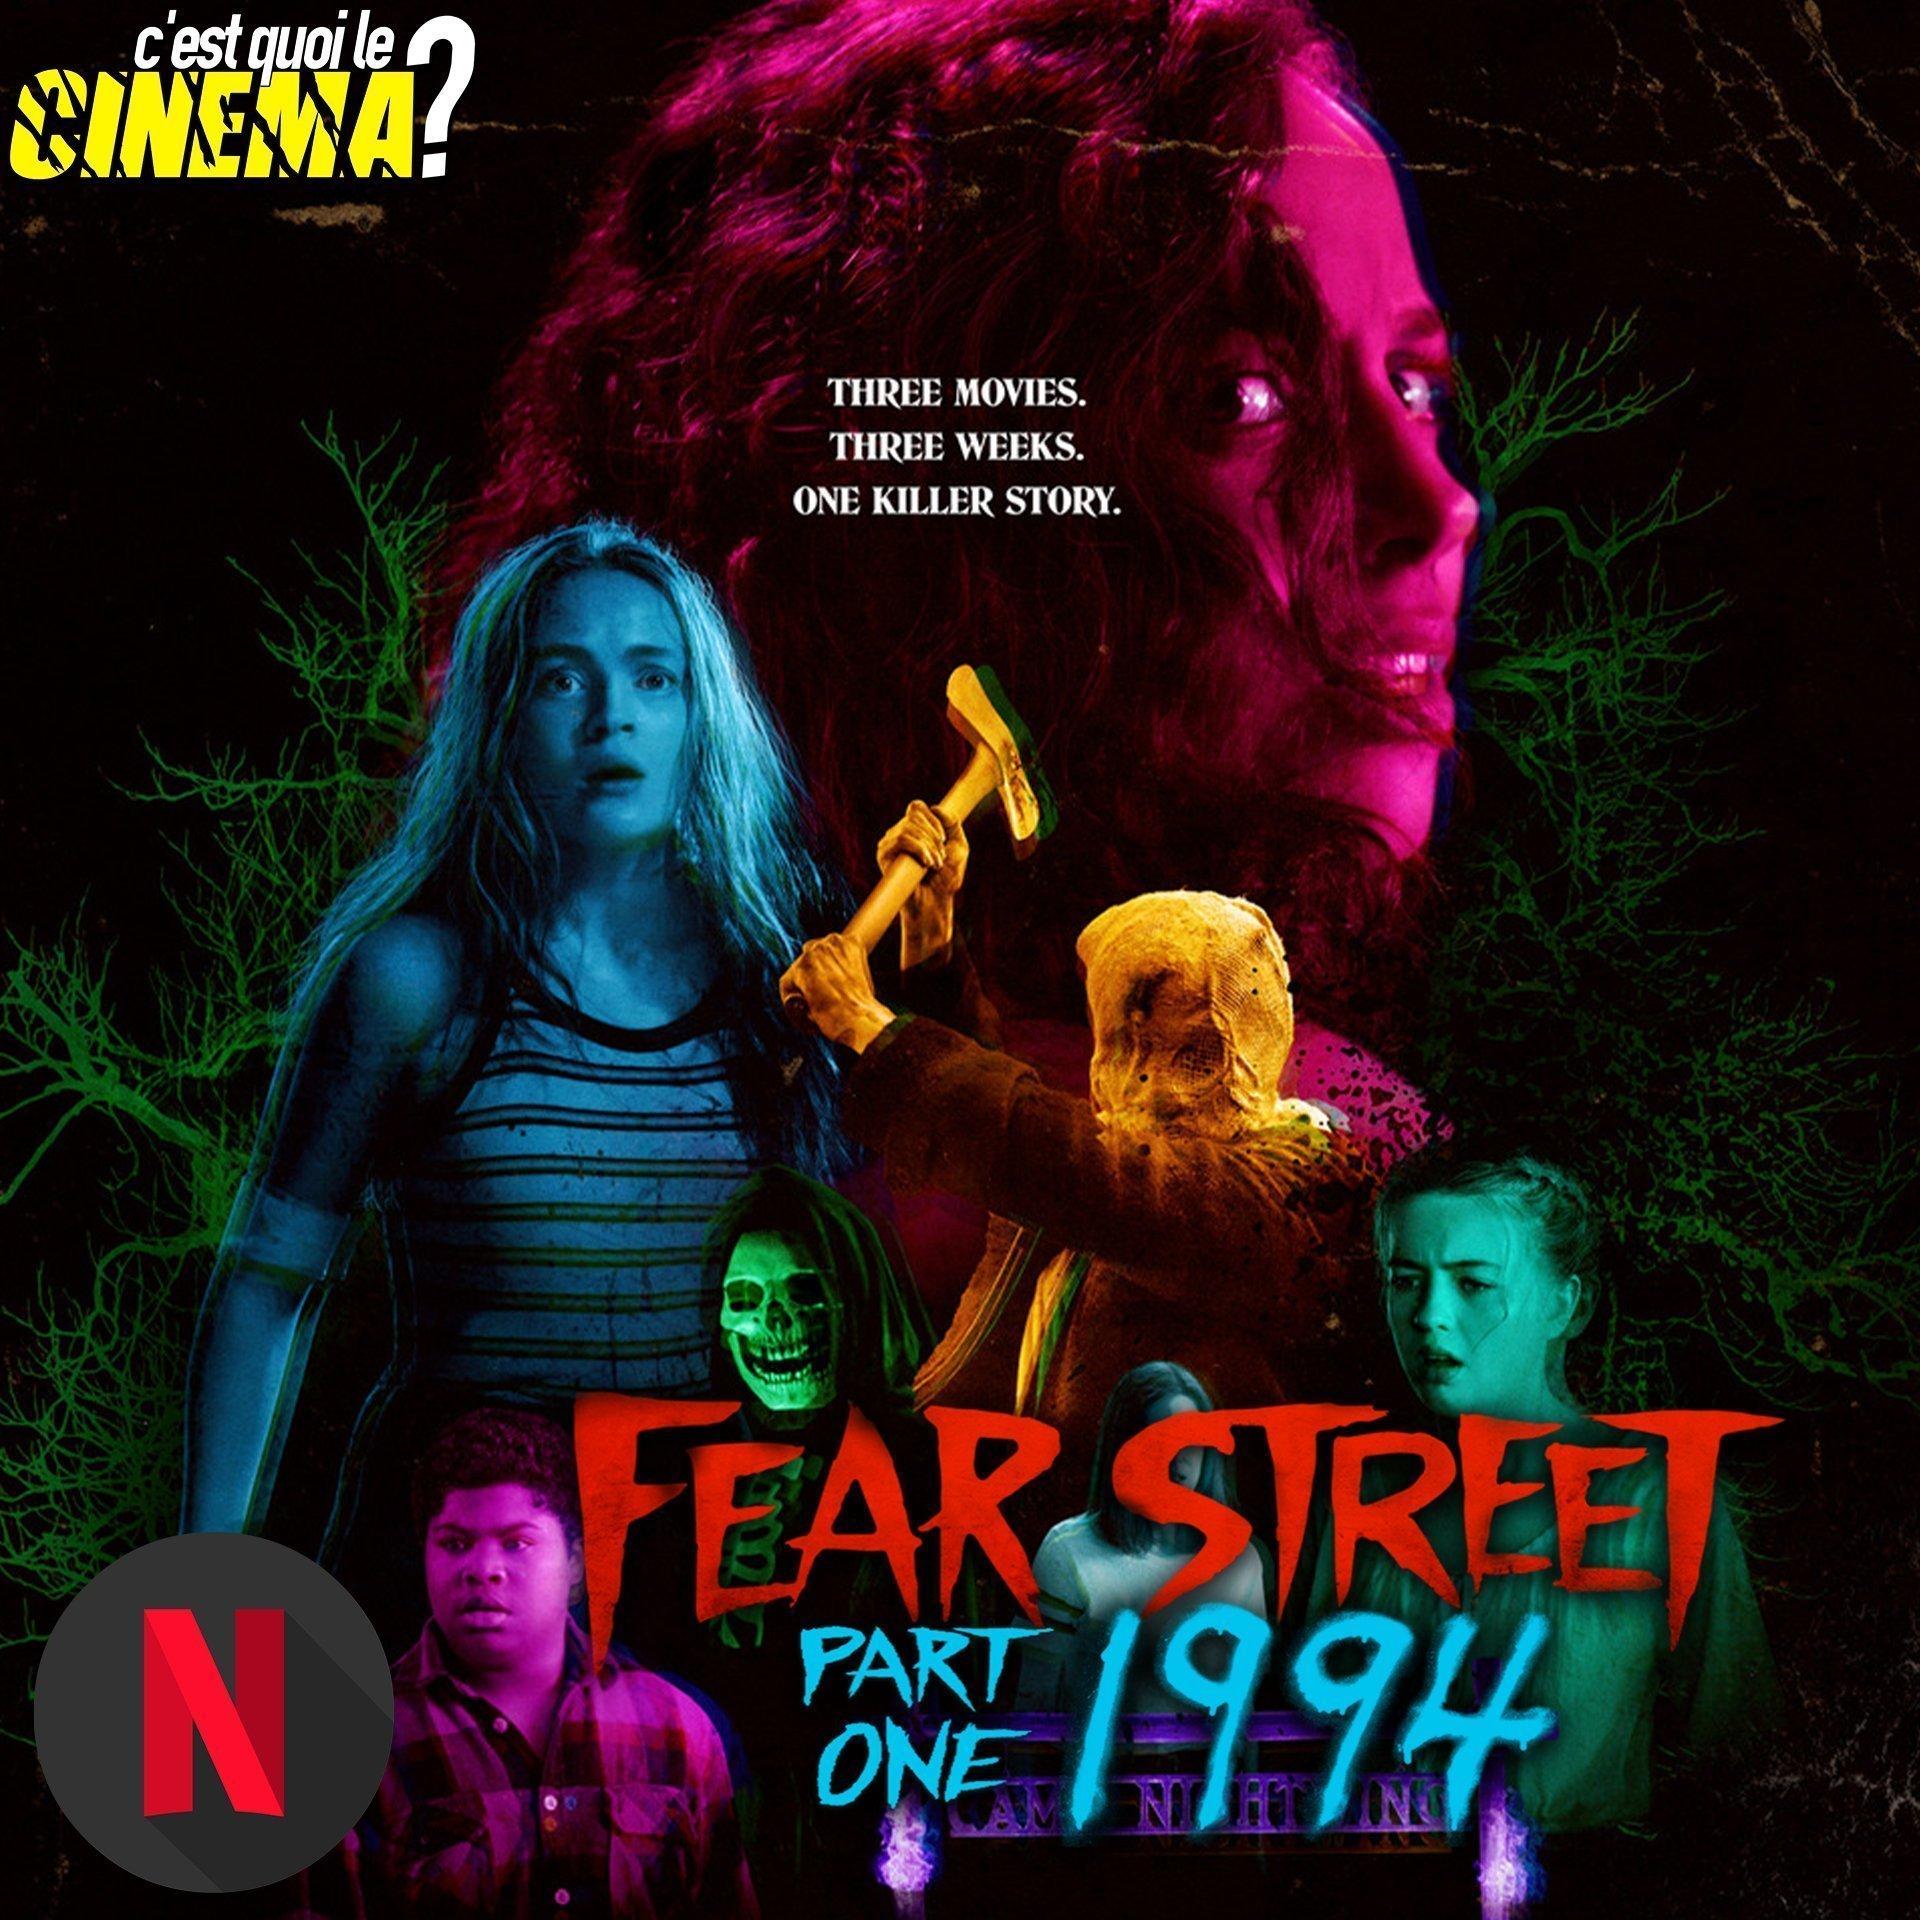 [CRITIQUE] Fear Street – Partie 1 : 1994 – Premier volet, première ouverture sur un univers richement vide et intriguant